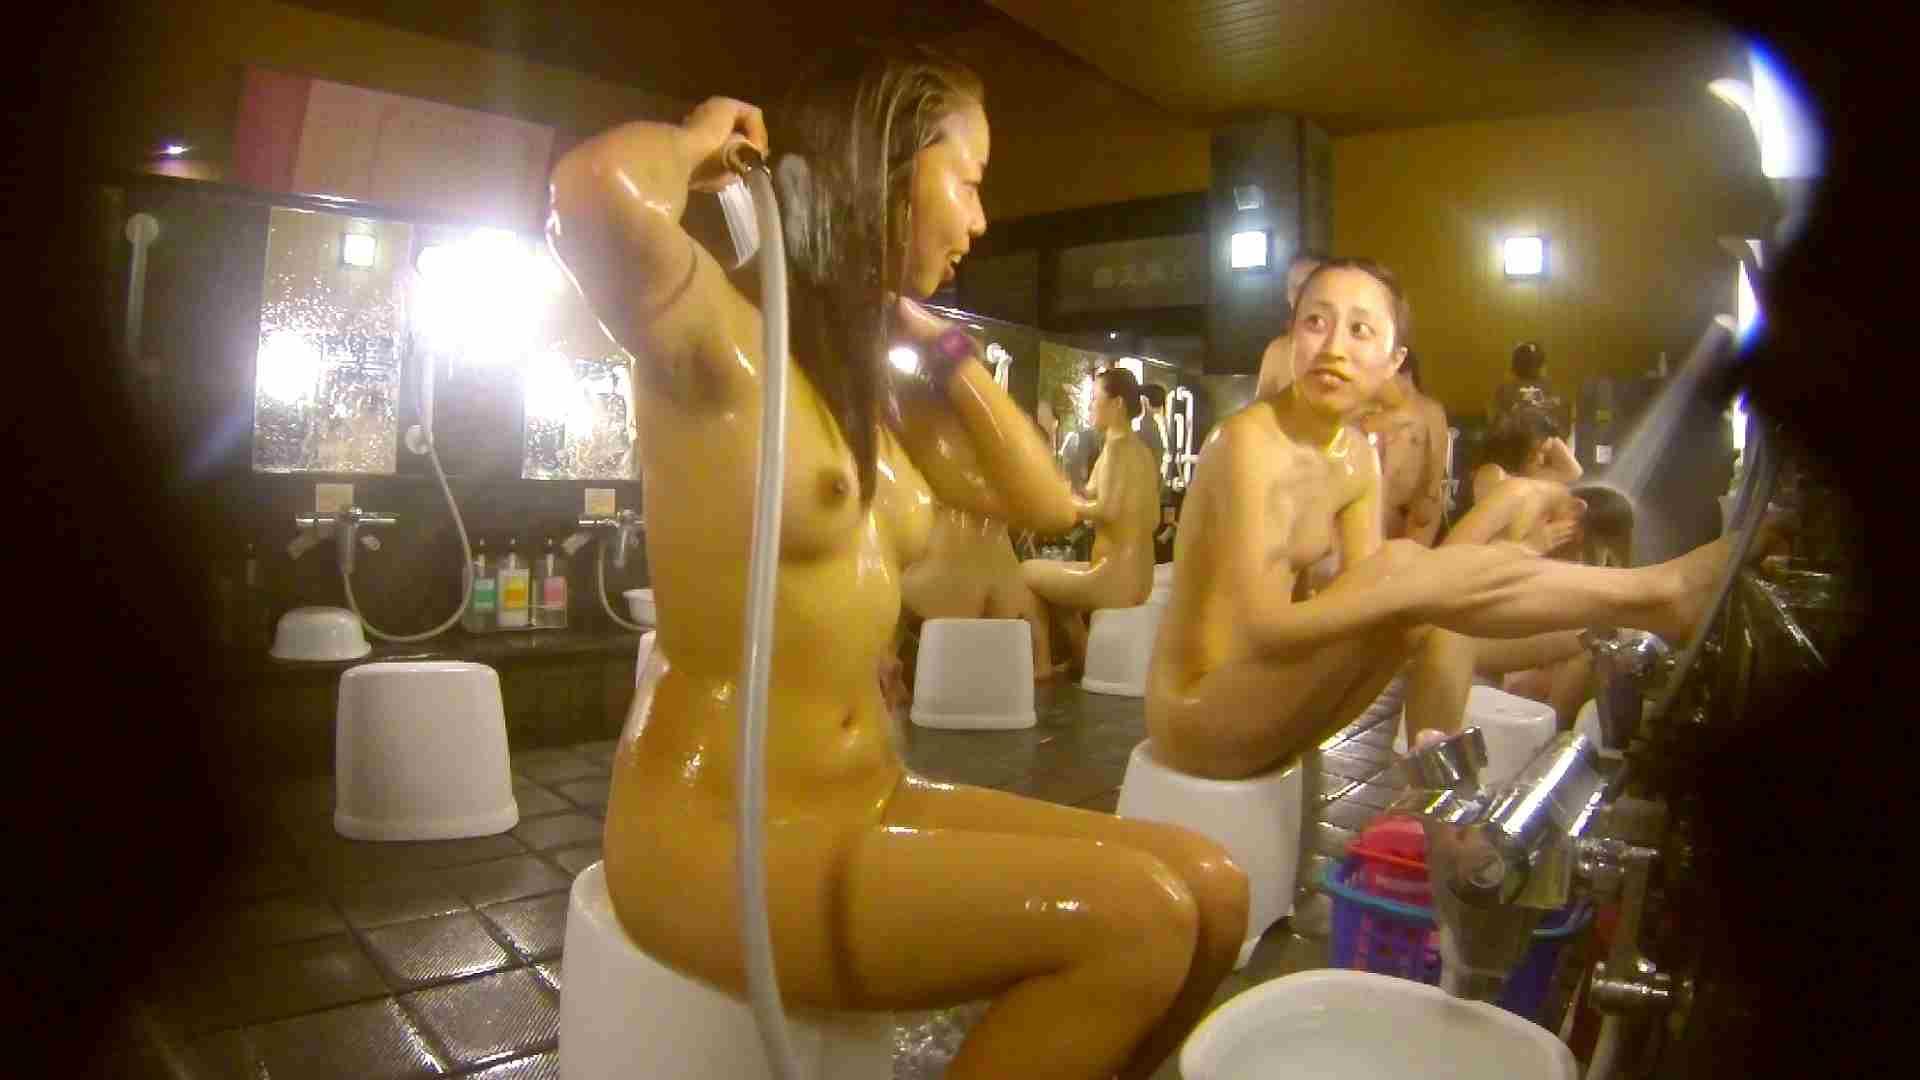 追い撮り!脱衣~洗い場、そして着替え、髪を乾かすまで完全追跡。 銭湯事情  84枚 66